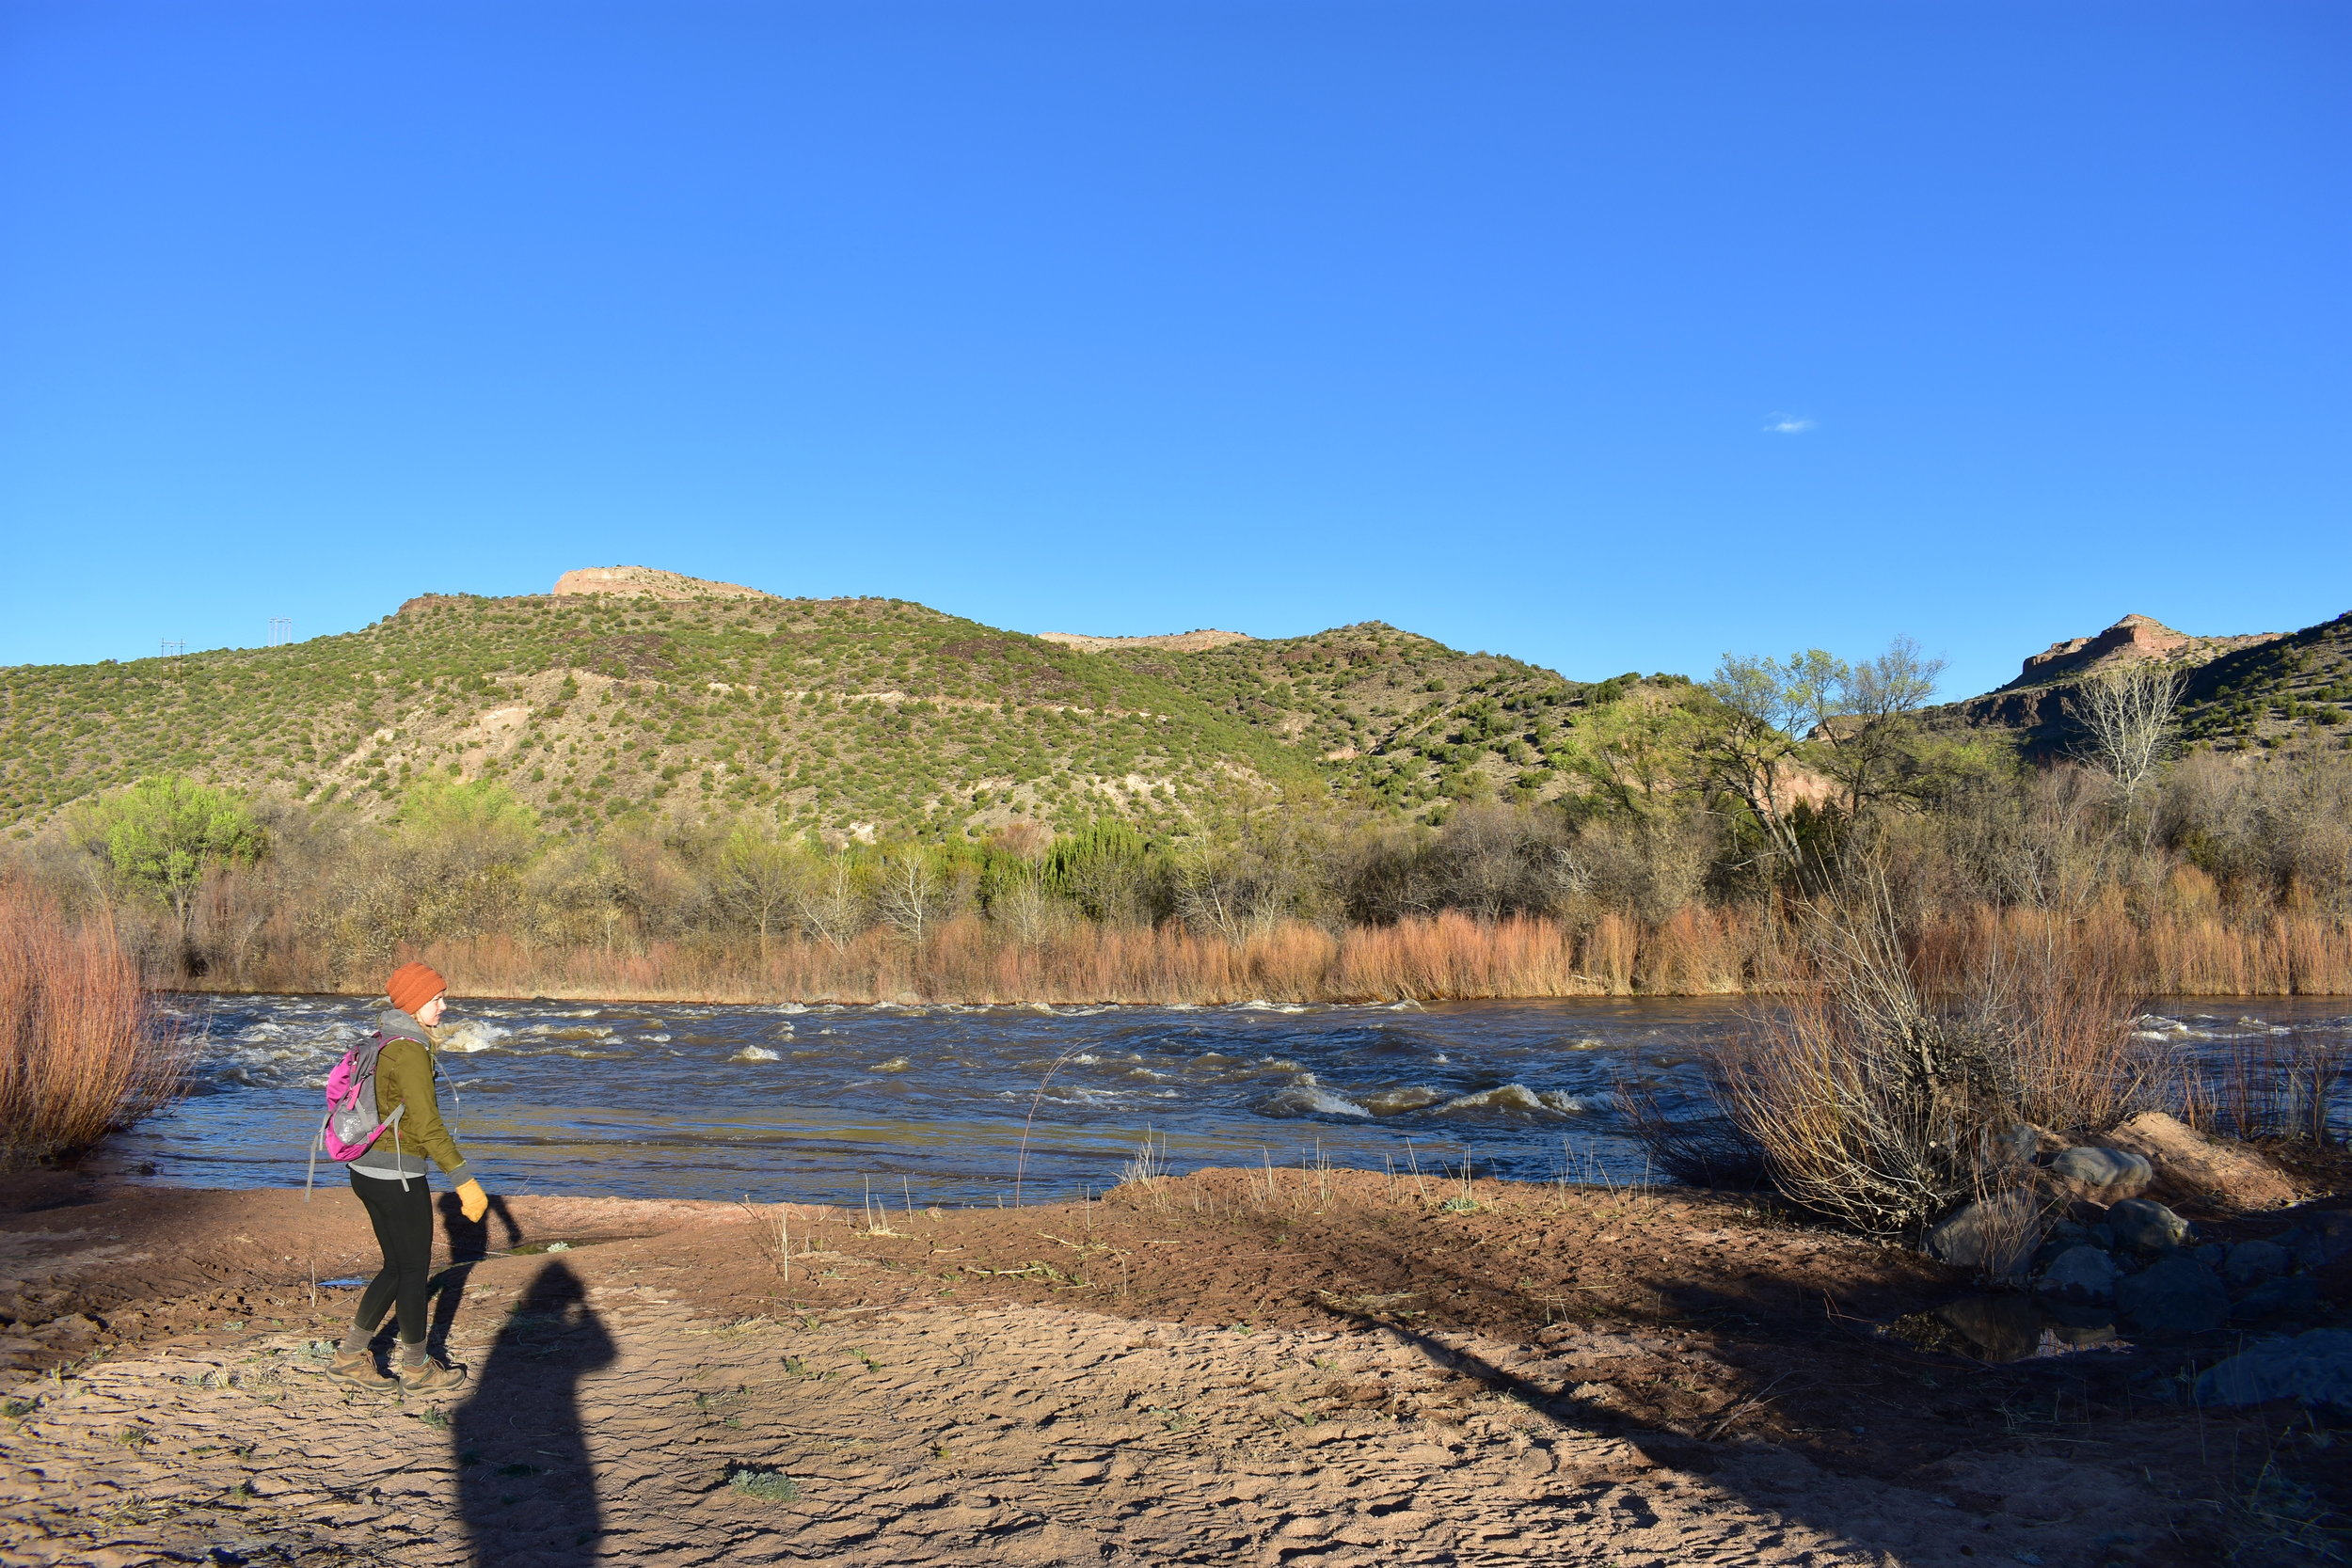 Rio Grande - Diablo Canyon